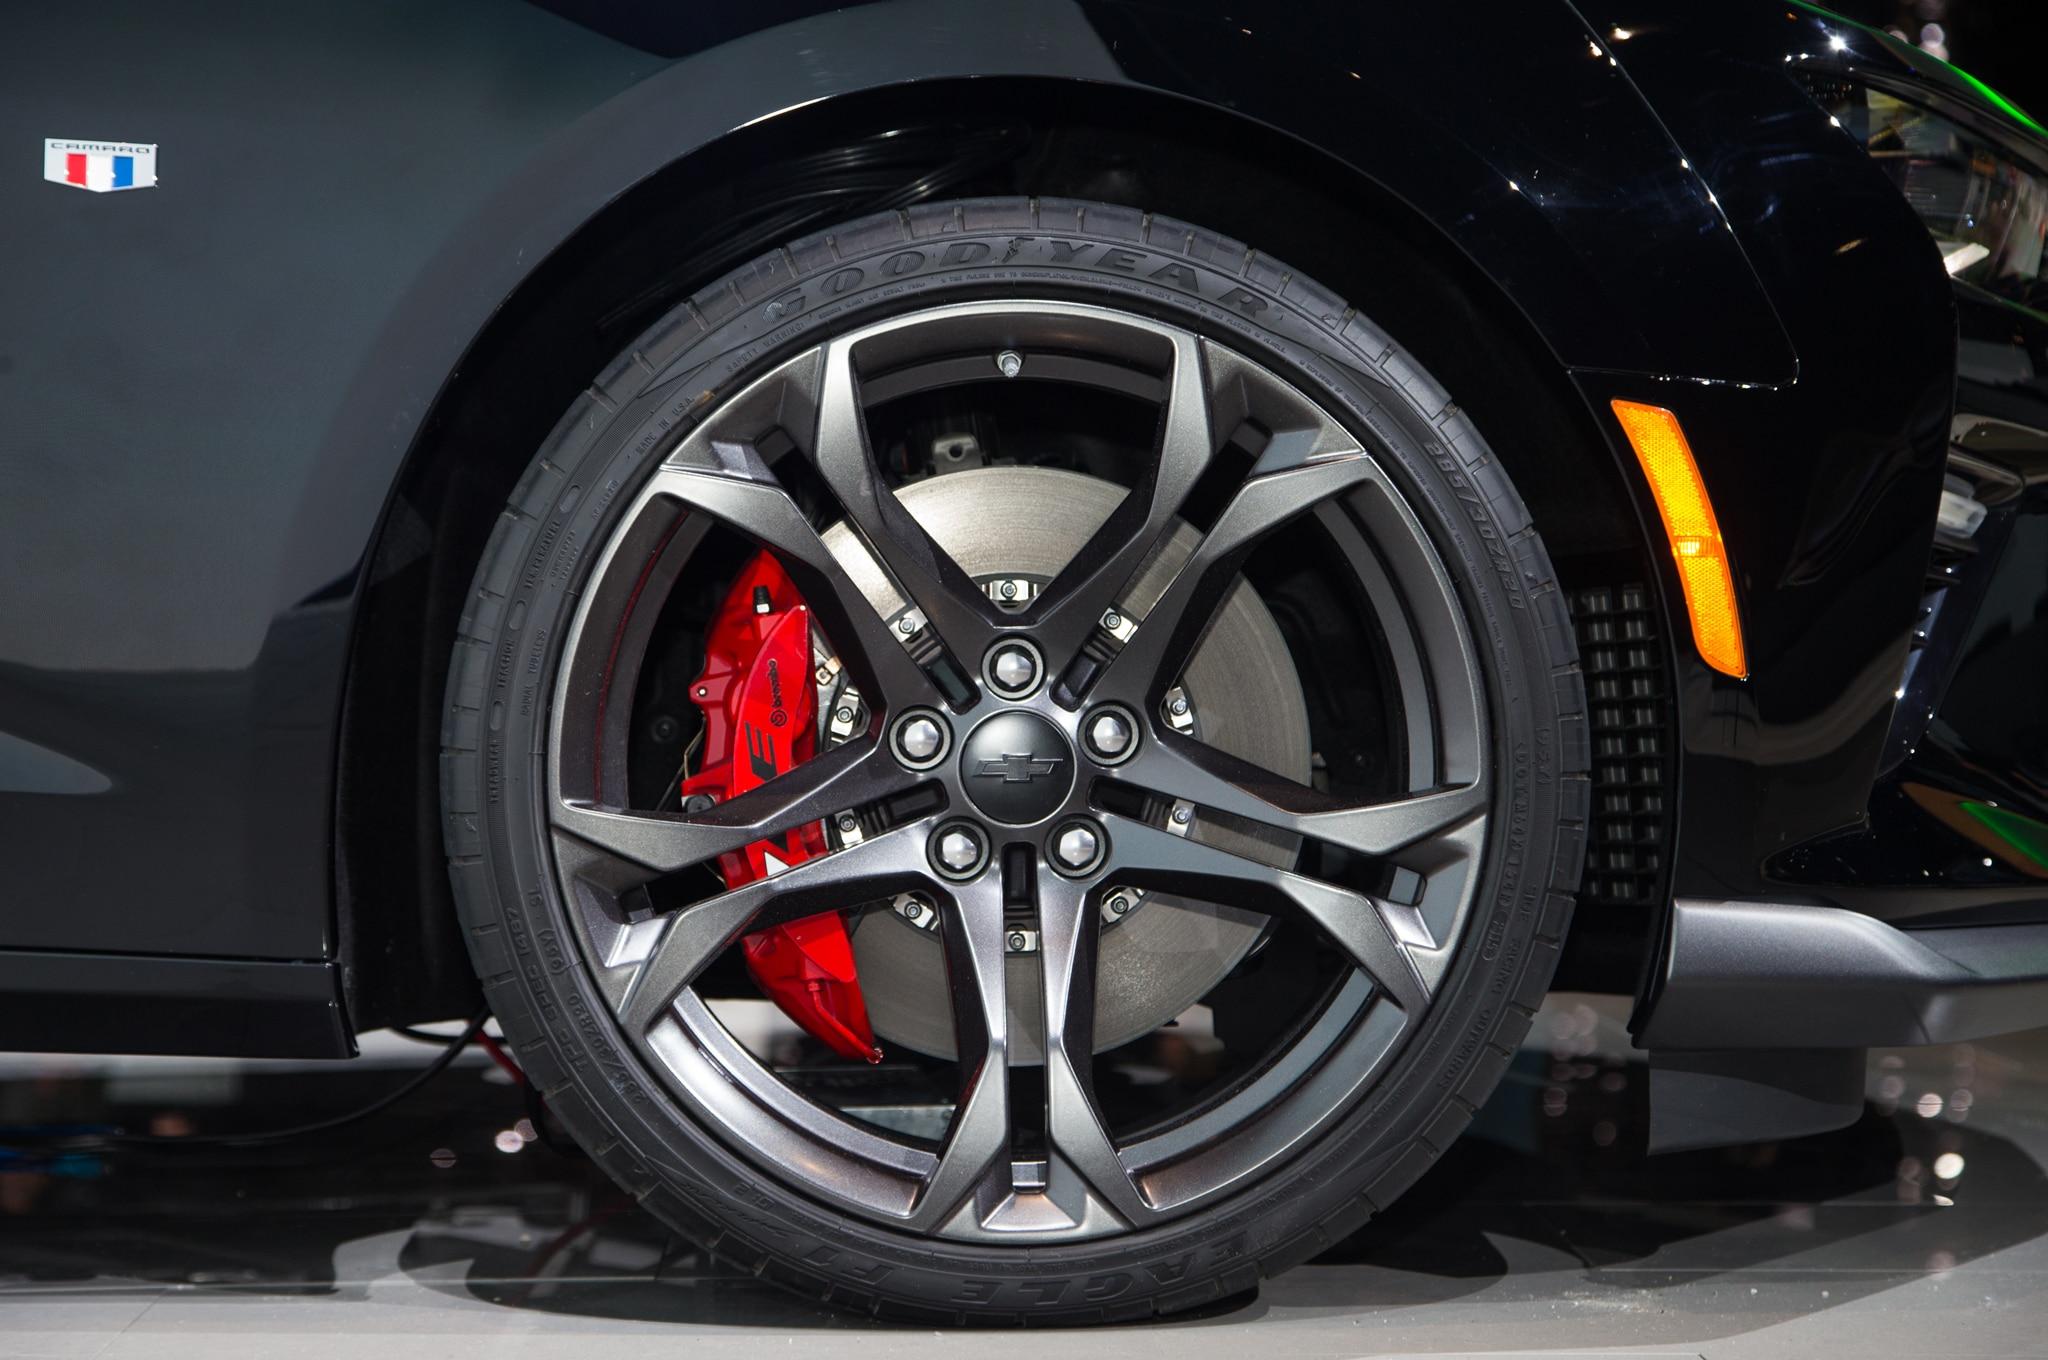 2017 Chevrolet Camaro 1le Wheels 02 Motor Trend En Espa 241 Ol